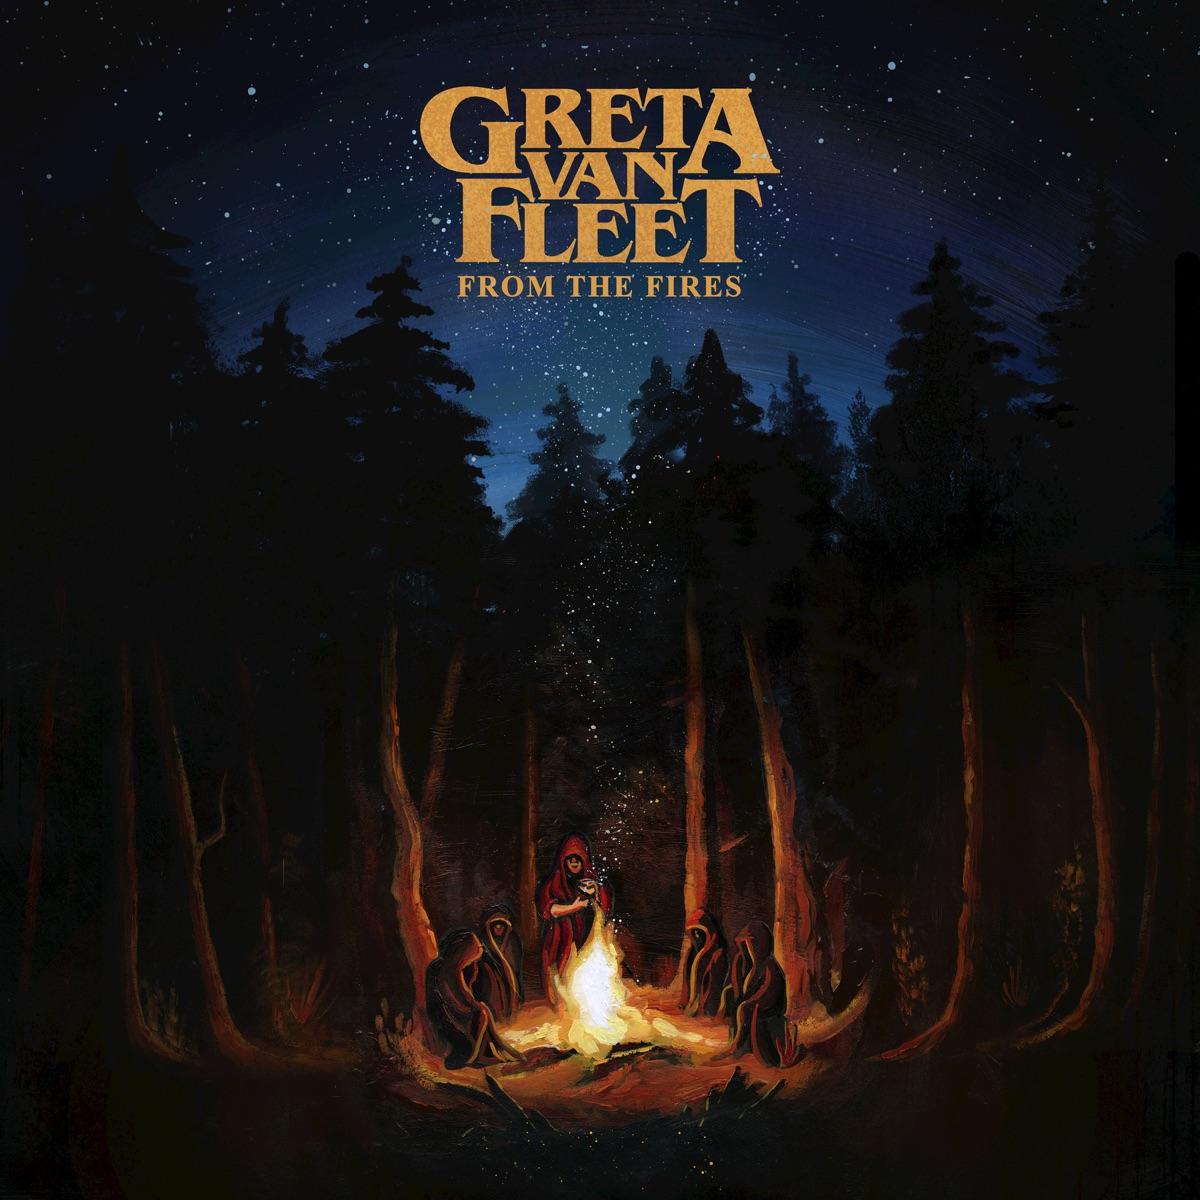 From the Fires Greta Van Fleet CD cover